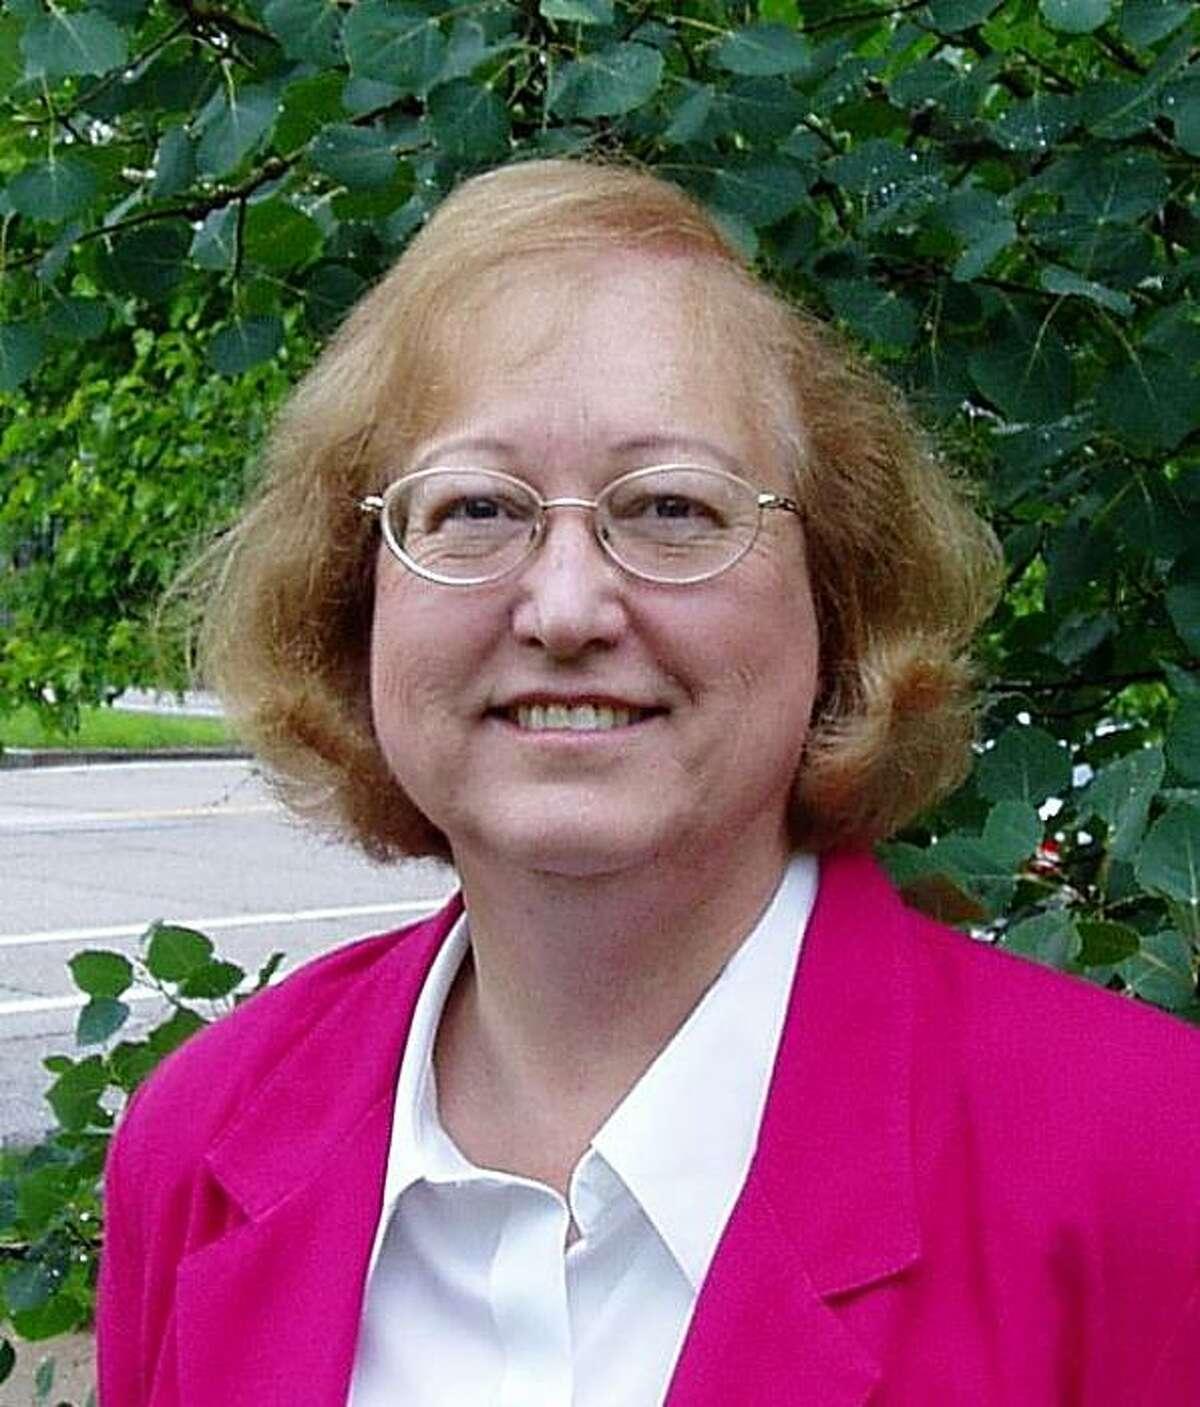 Author Connie Willis